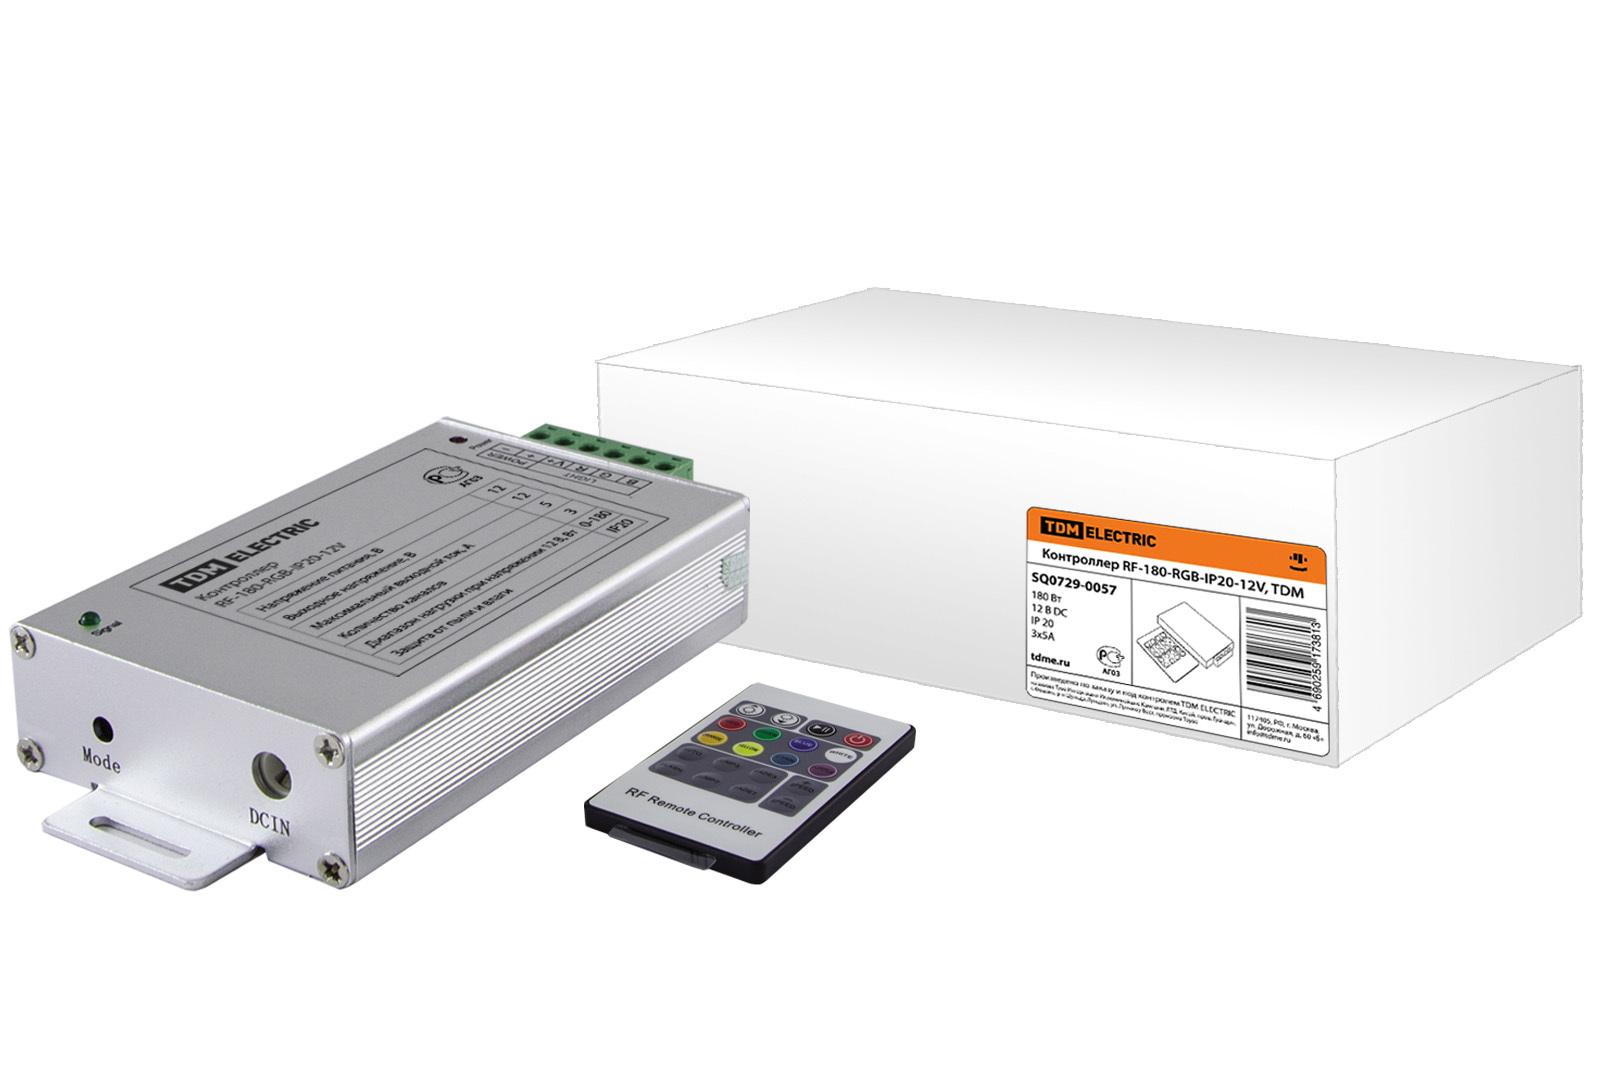 Контроллер для светодиодных модулей RGB RF-180-RGB-IP20-12V, TDM